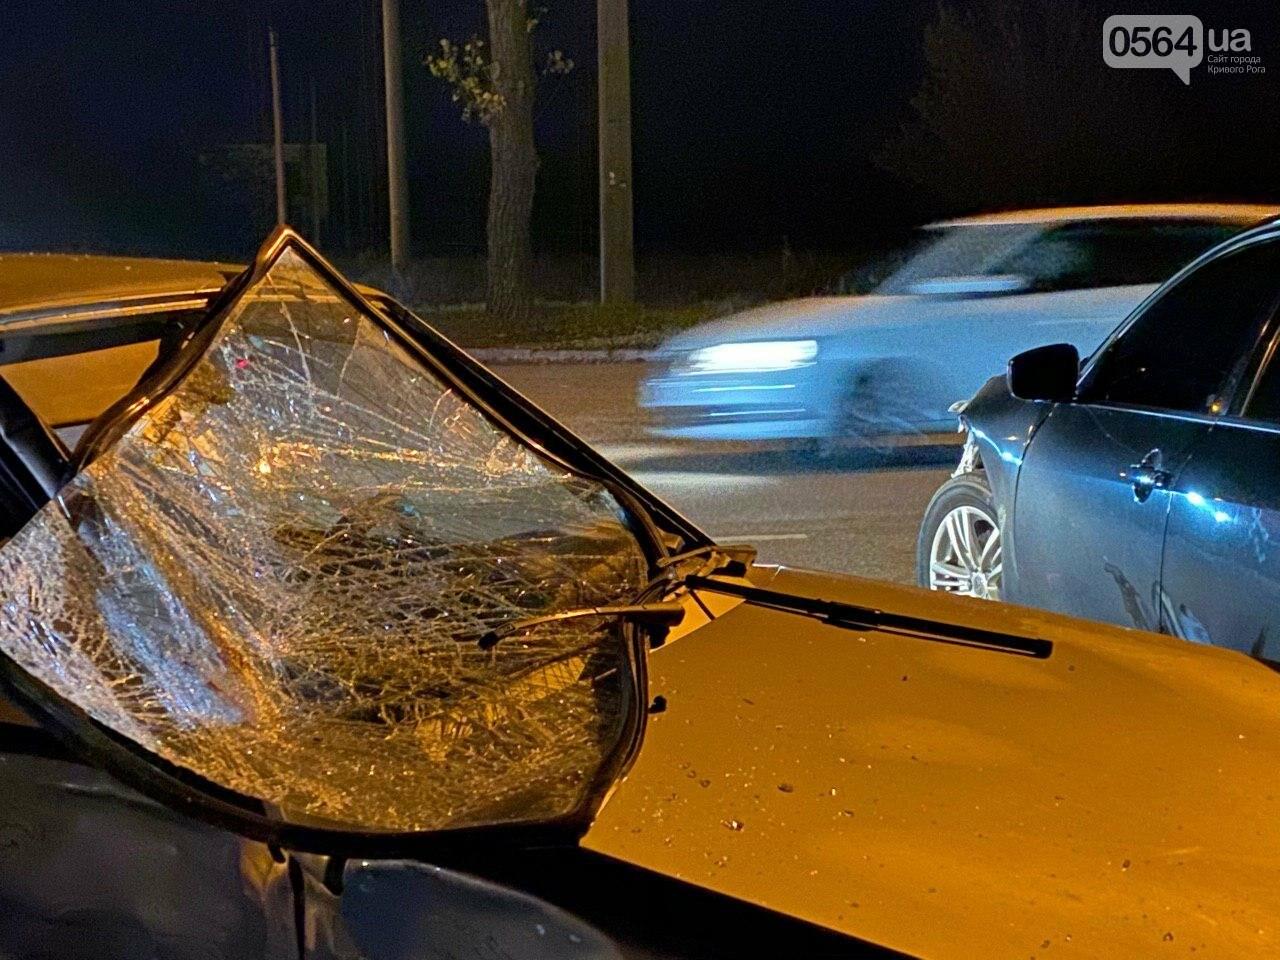 Тройное ДТП в Кривом Роге - дорогу не поделили мотоцикл и две легковушки. Есть пострадавшие, - ФОТО, ВИДЕО, фото-22